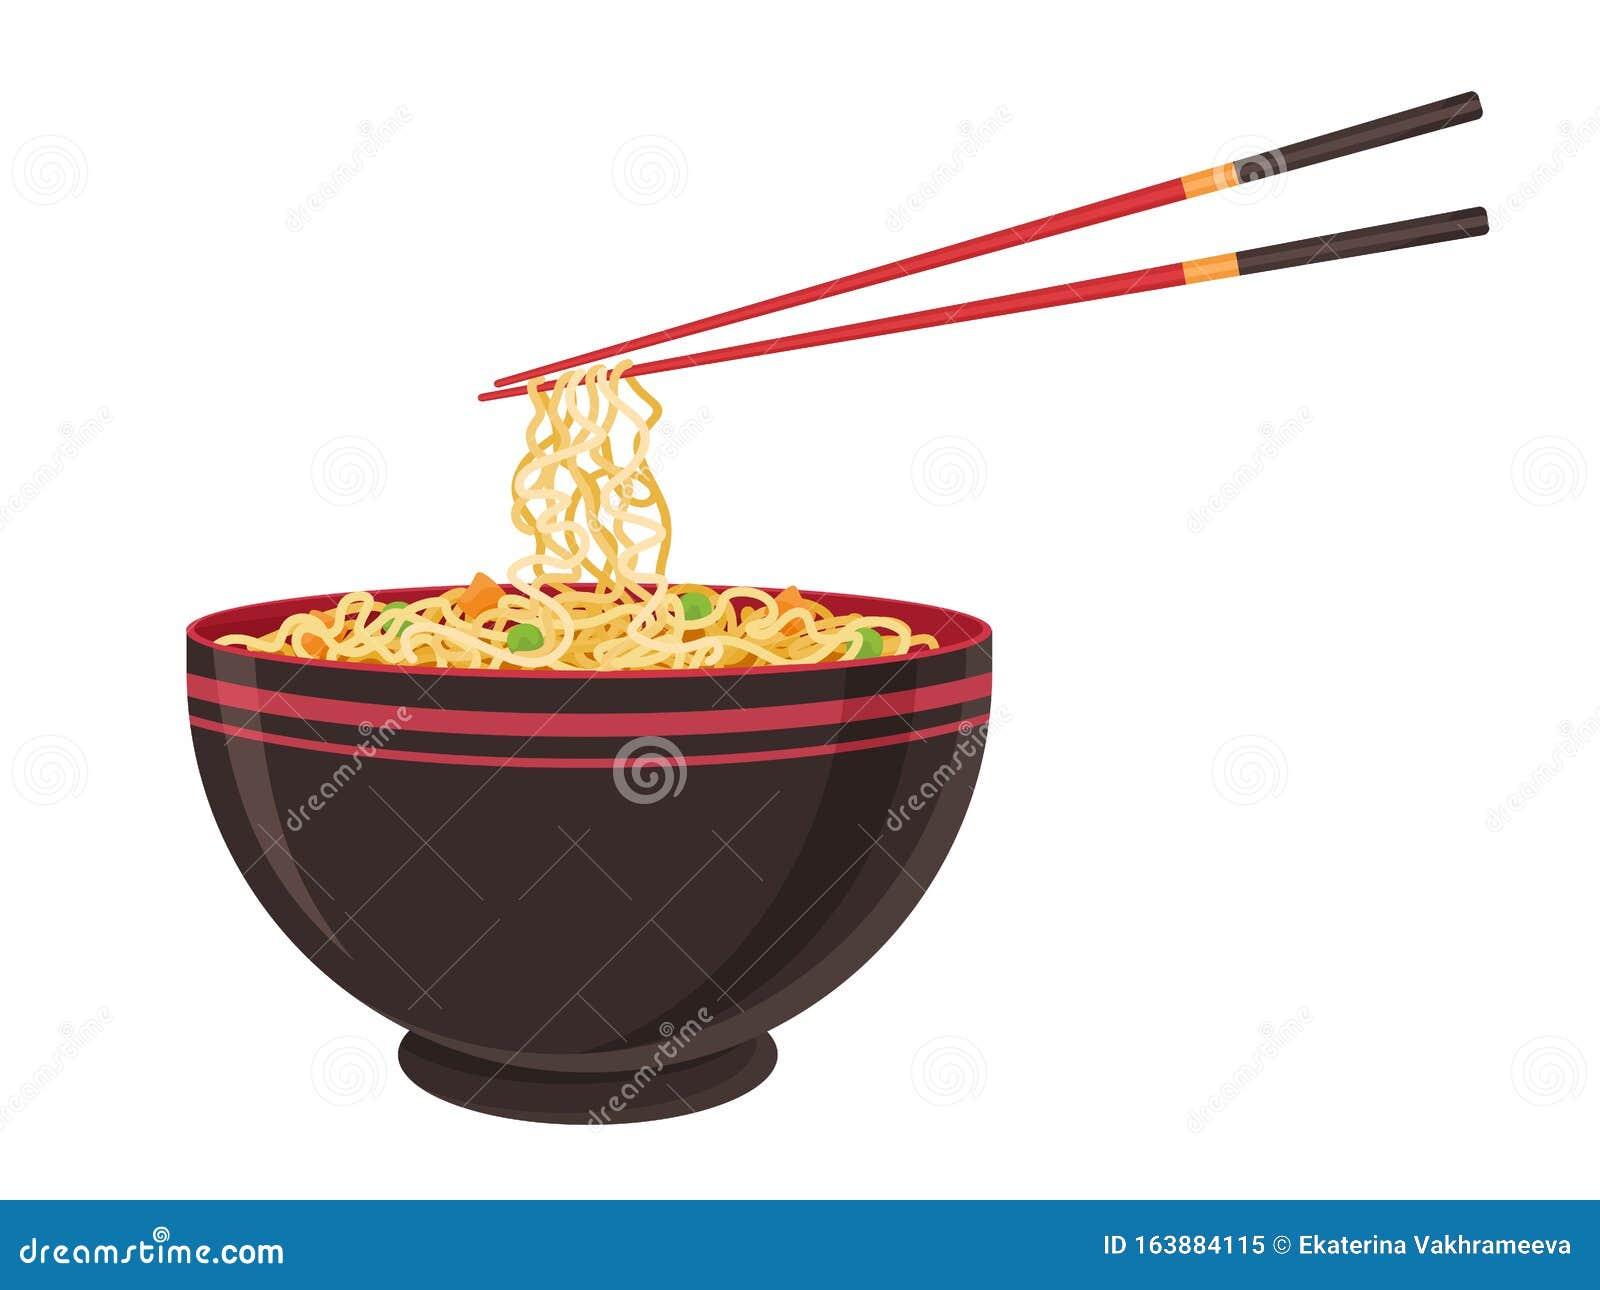 business plan oriental noodles